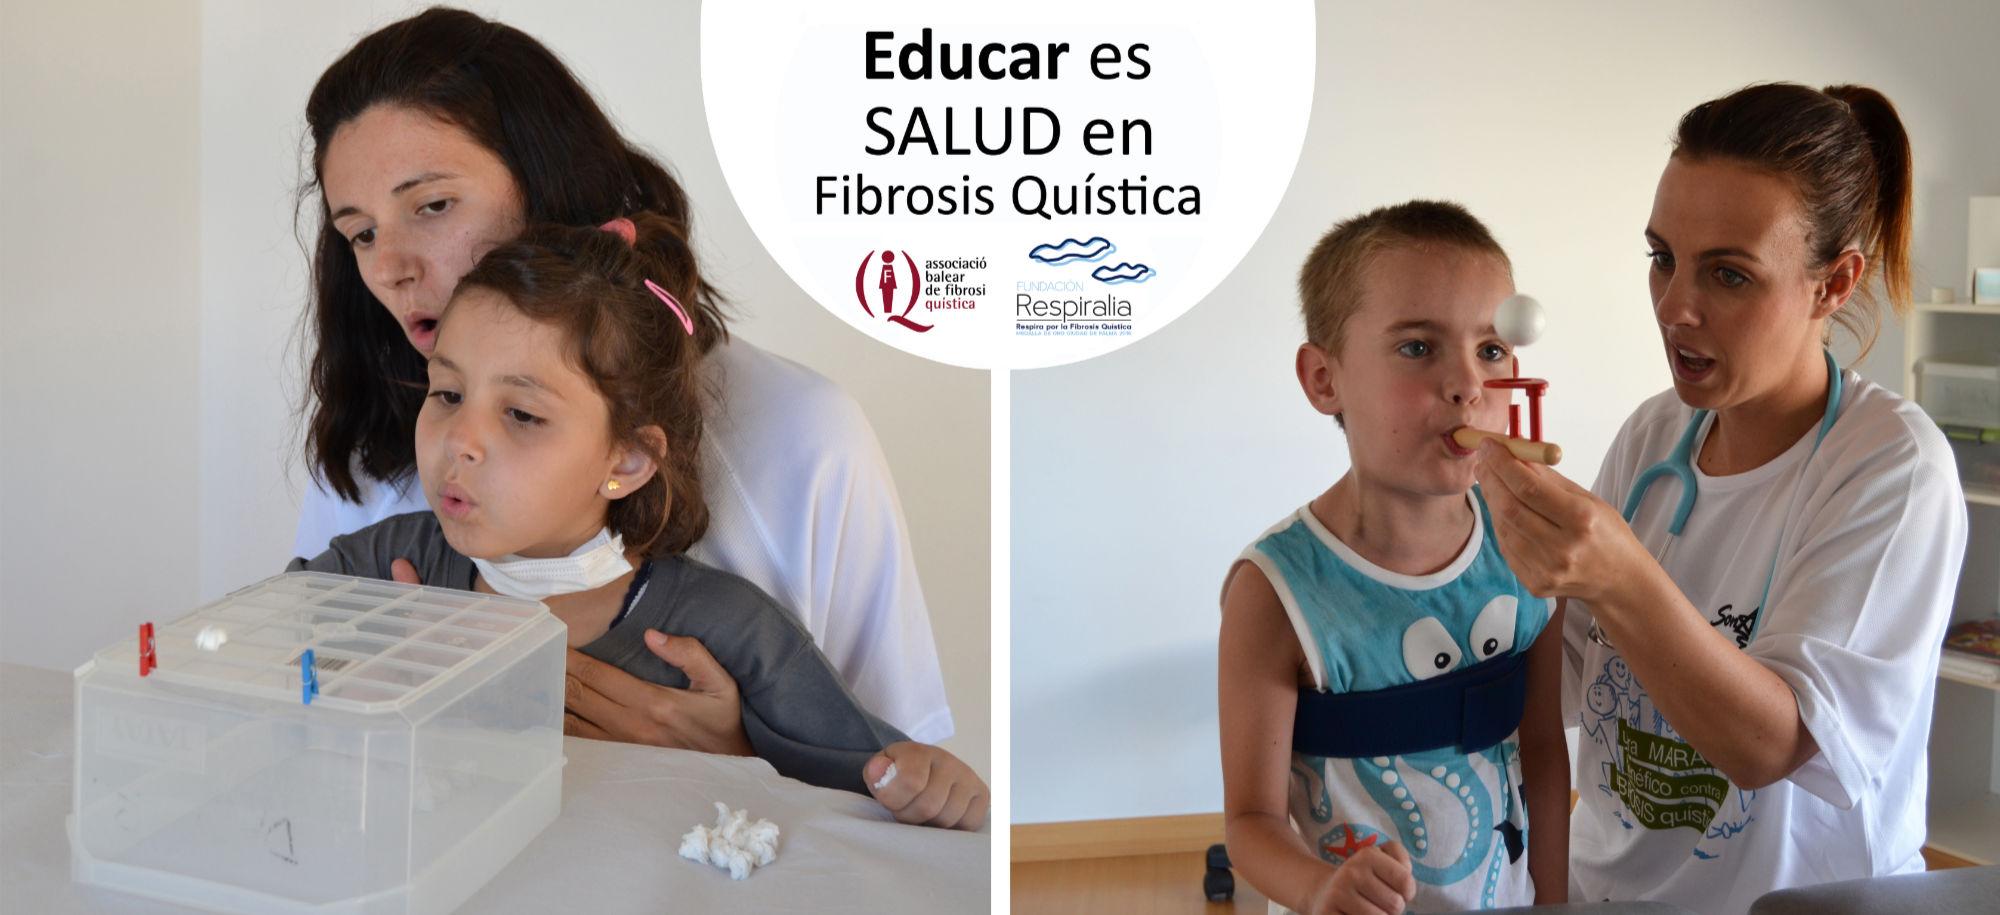 Imagen Educar es Salud